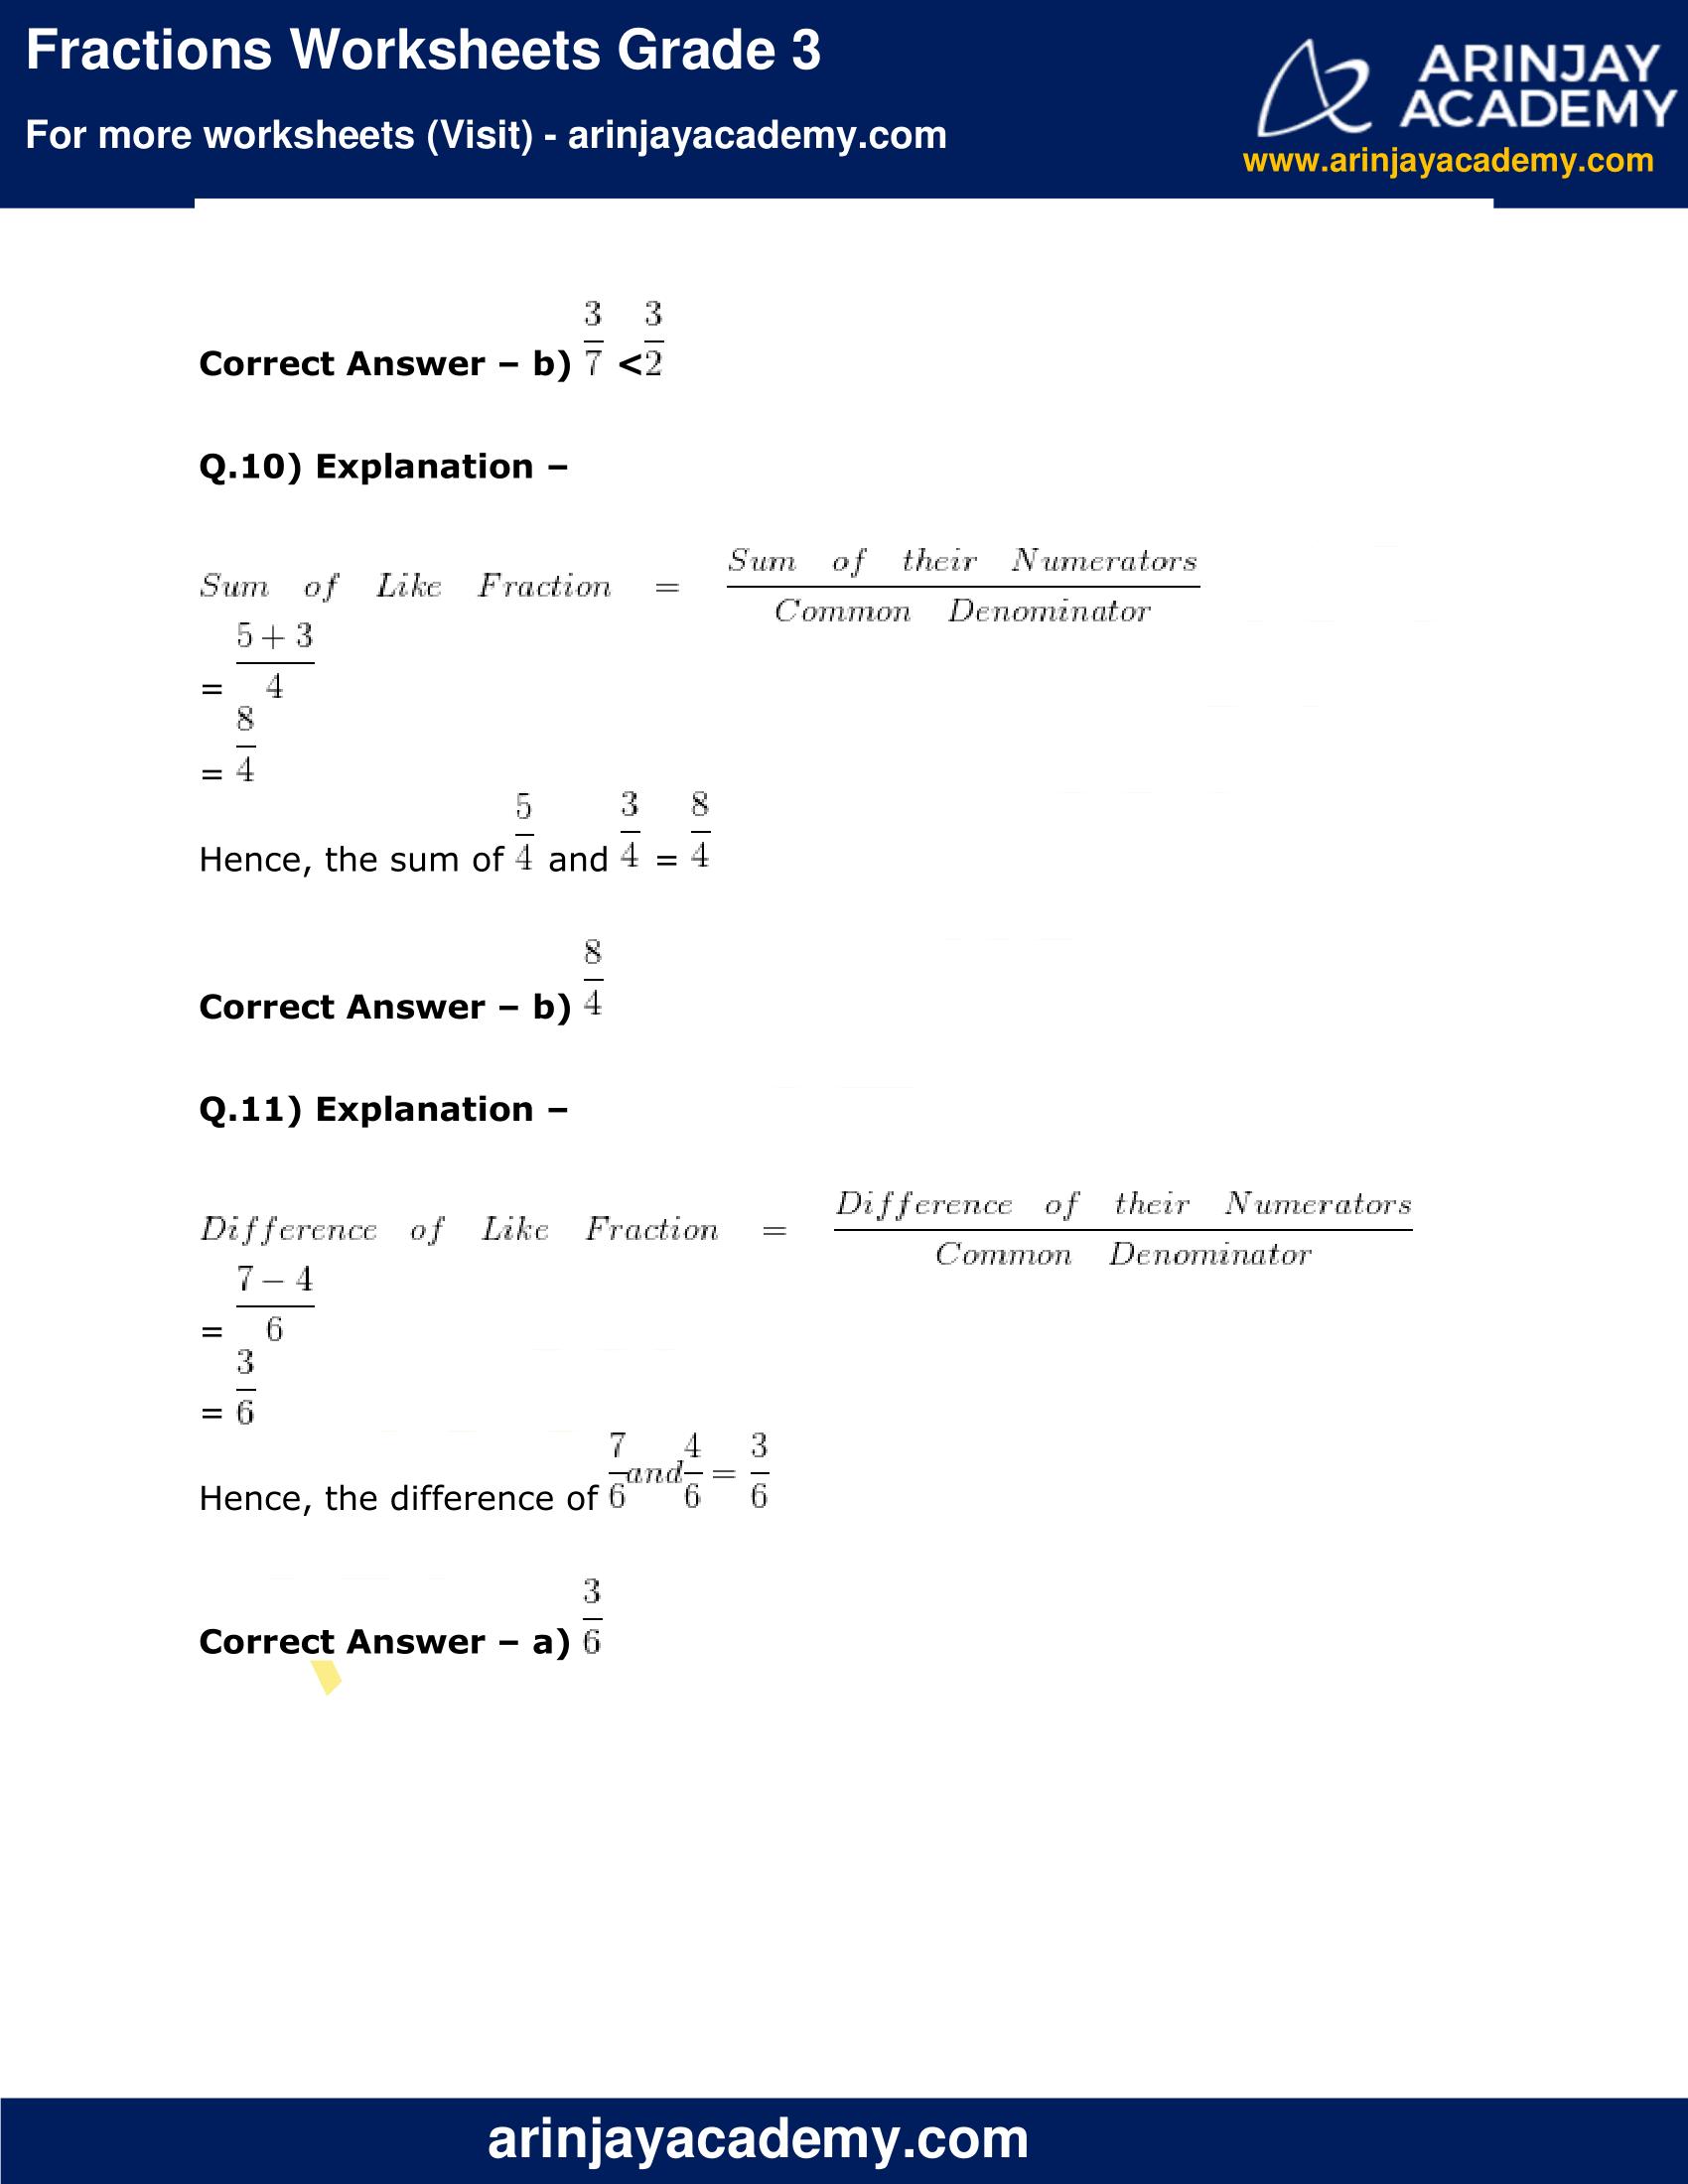 Fractions Worksheets Grade 3 image 7